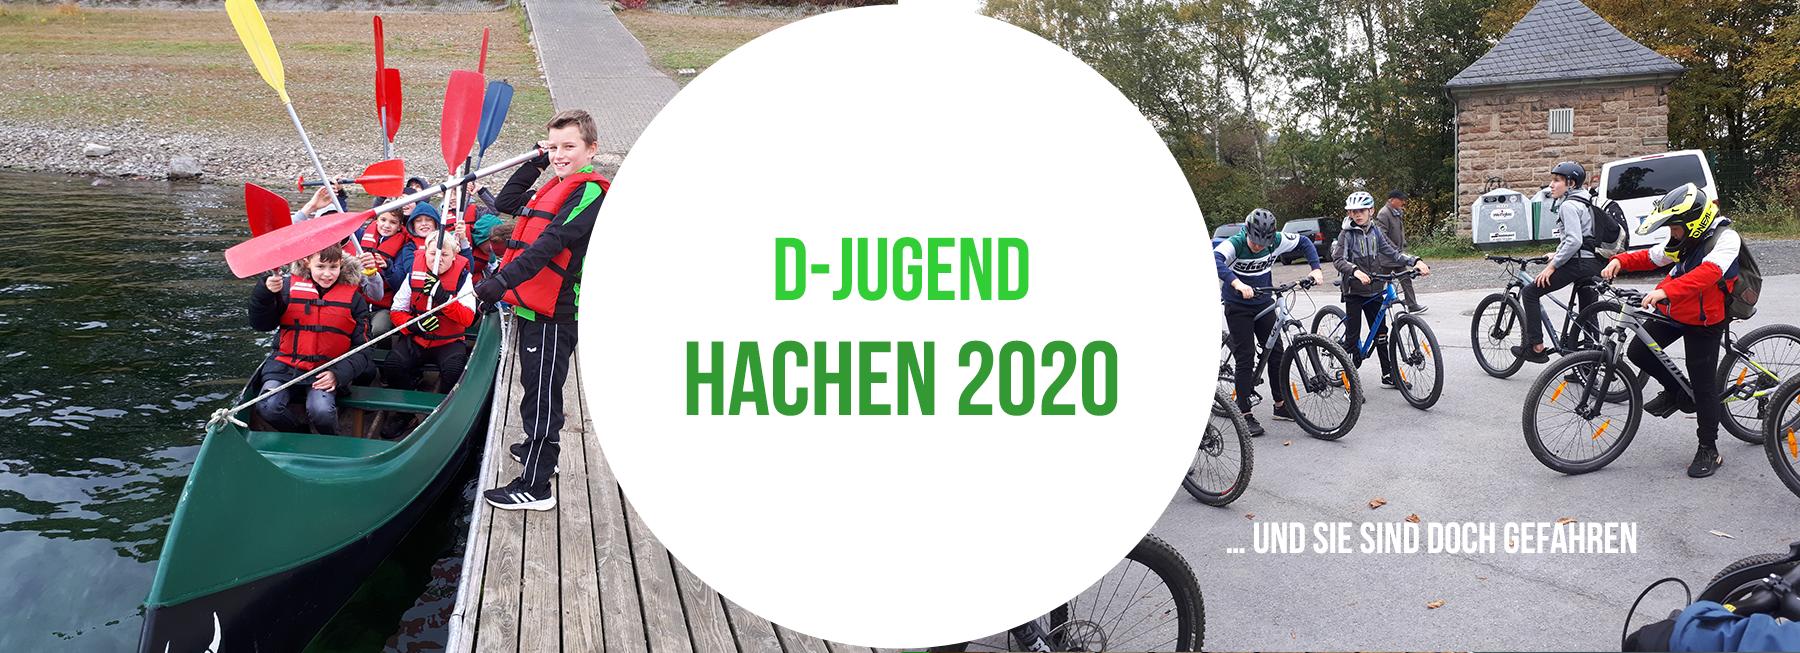 Hachen 2020 Banner